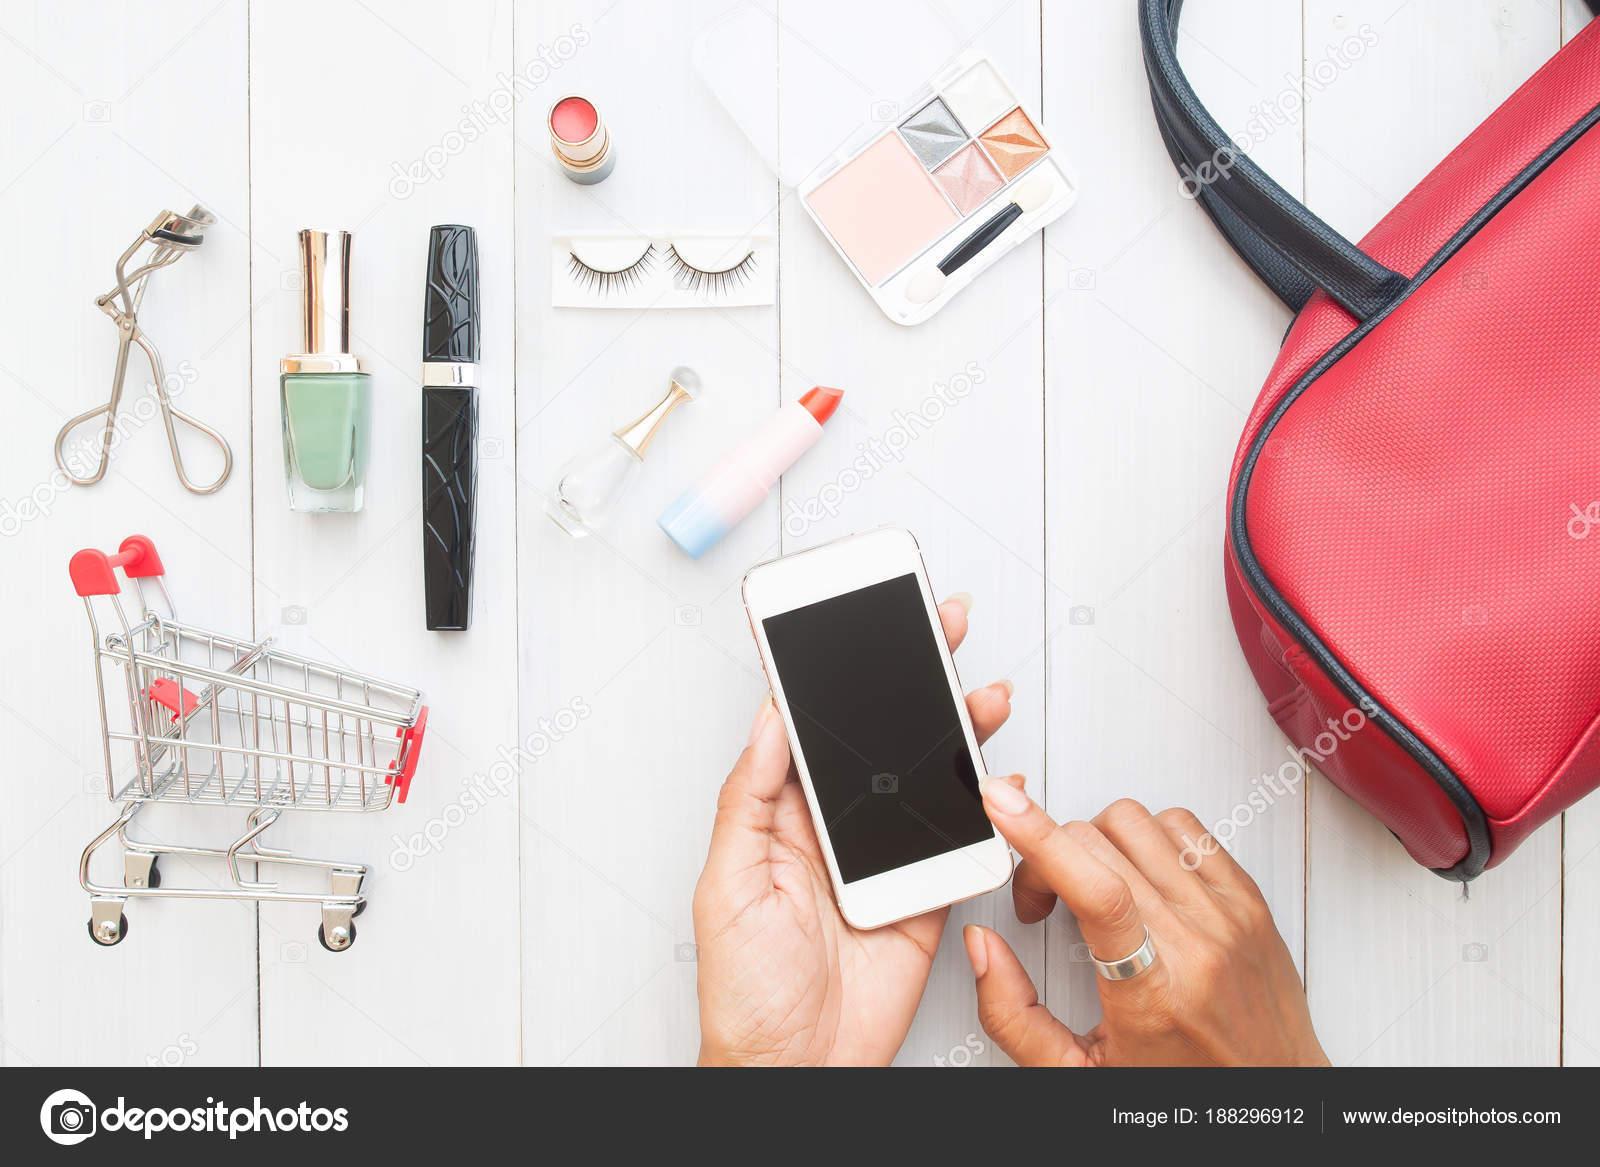 7965ebc4a7fc0b Frau Hand berühren Bildschirm auf mobilen Gerät mit Warenkorb und Kosmetik  auf hölzernen Hintergrund, kreative flach legen Online-shopping-Konzept– ...